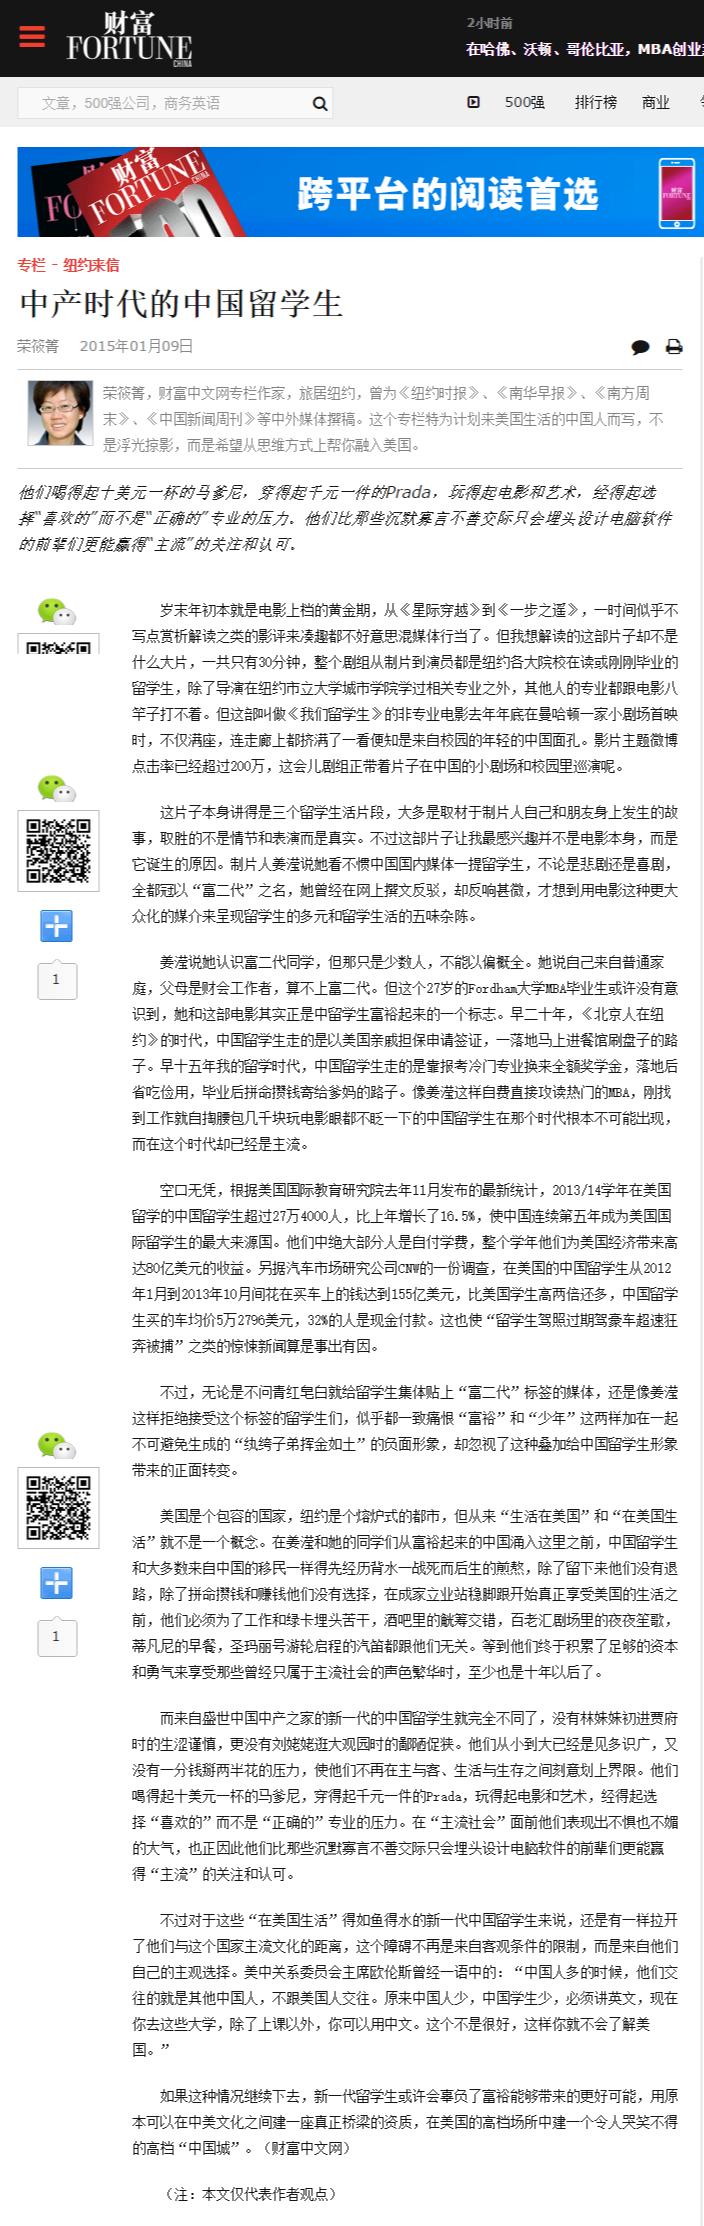 财富中文网.png